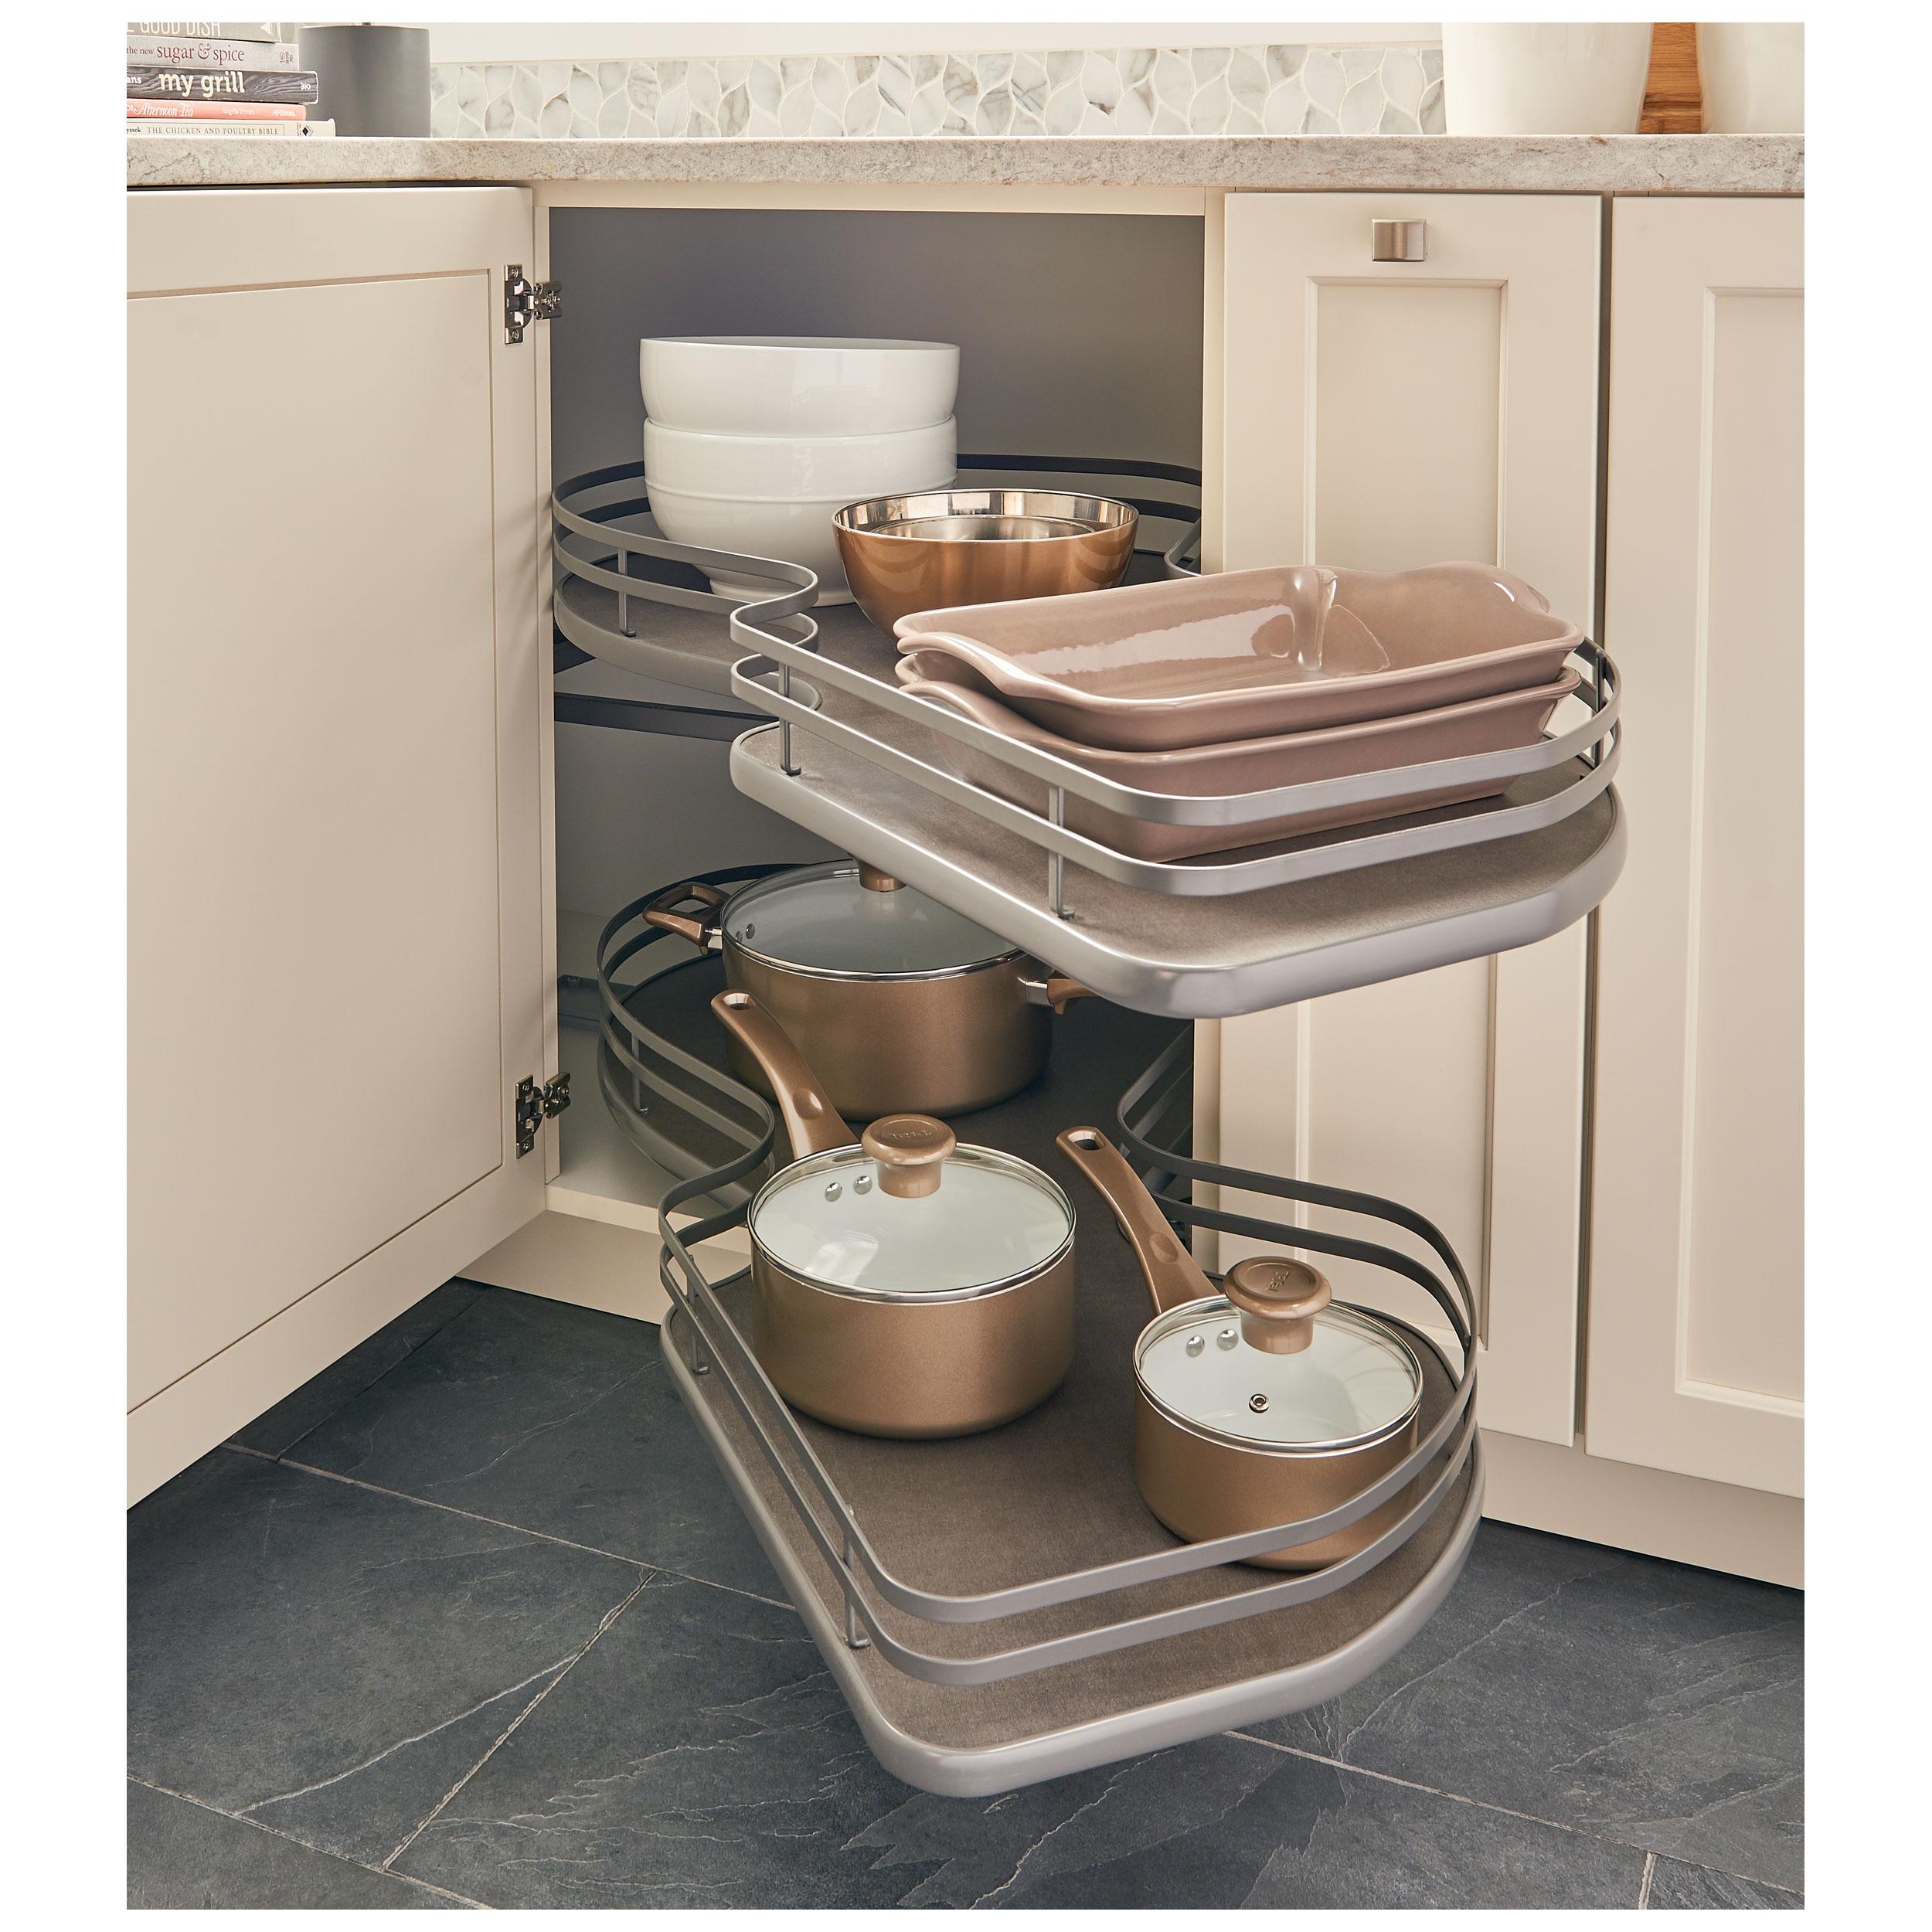 Blind Corner Kitchen Cabinet Solutions Rev A Shelf 5372 18 Fog R The Cloud 18 Quot Blind Corner Pull